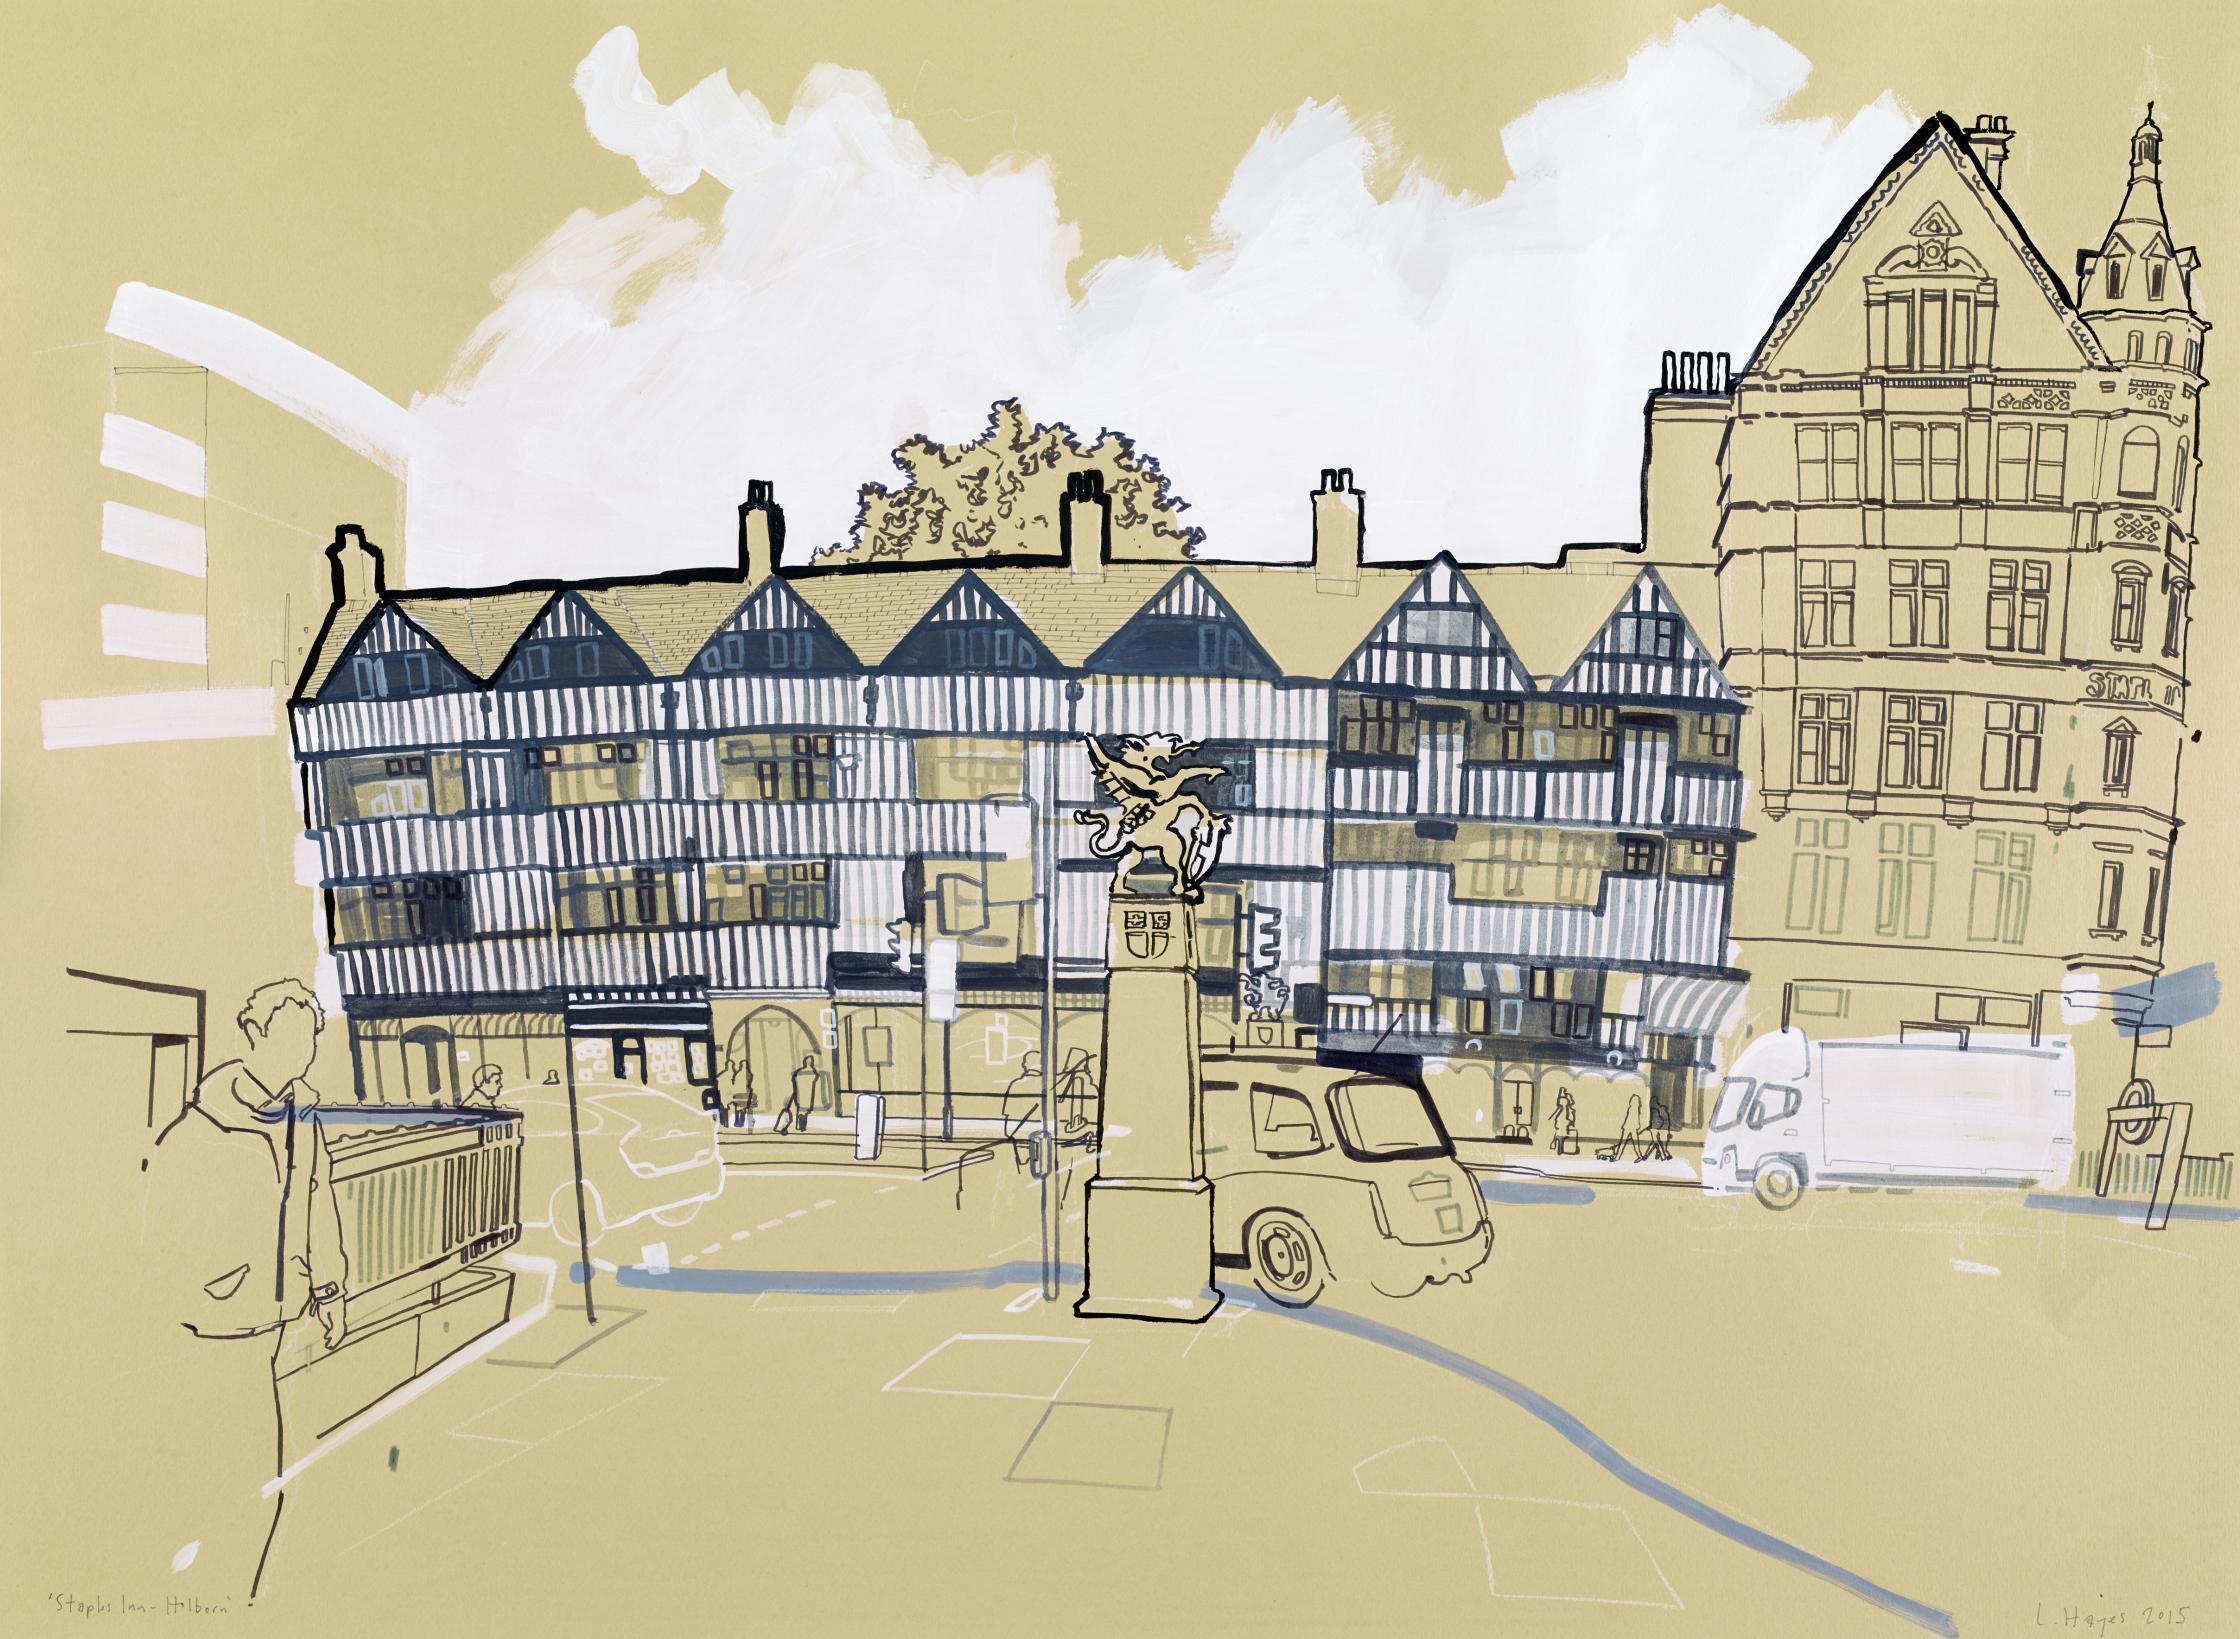 Staple Inn-Holborn.jpg